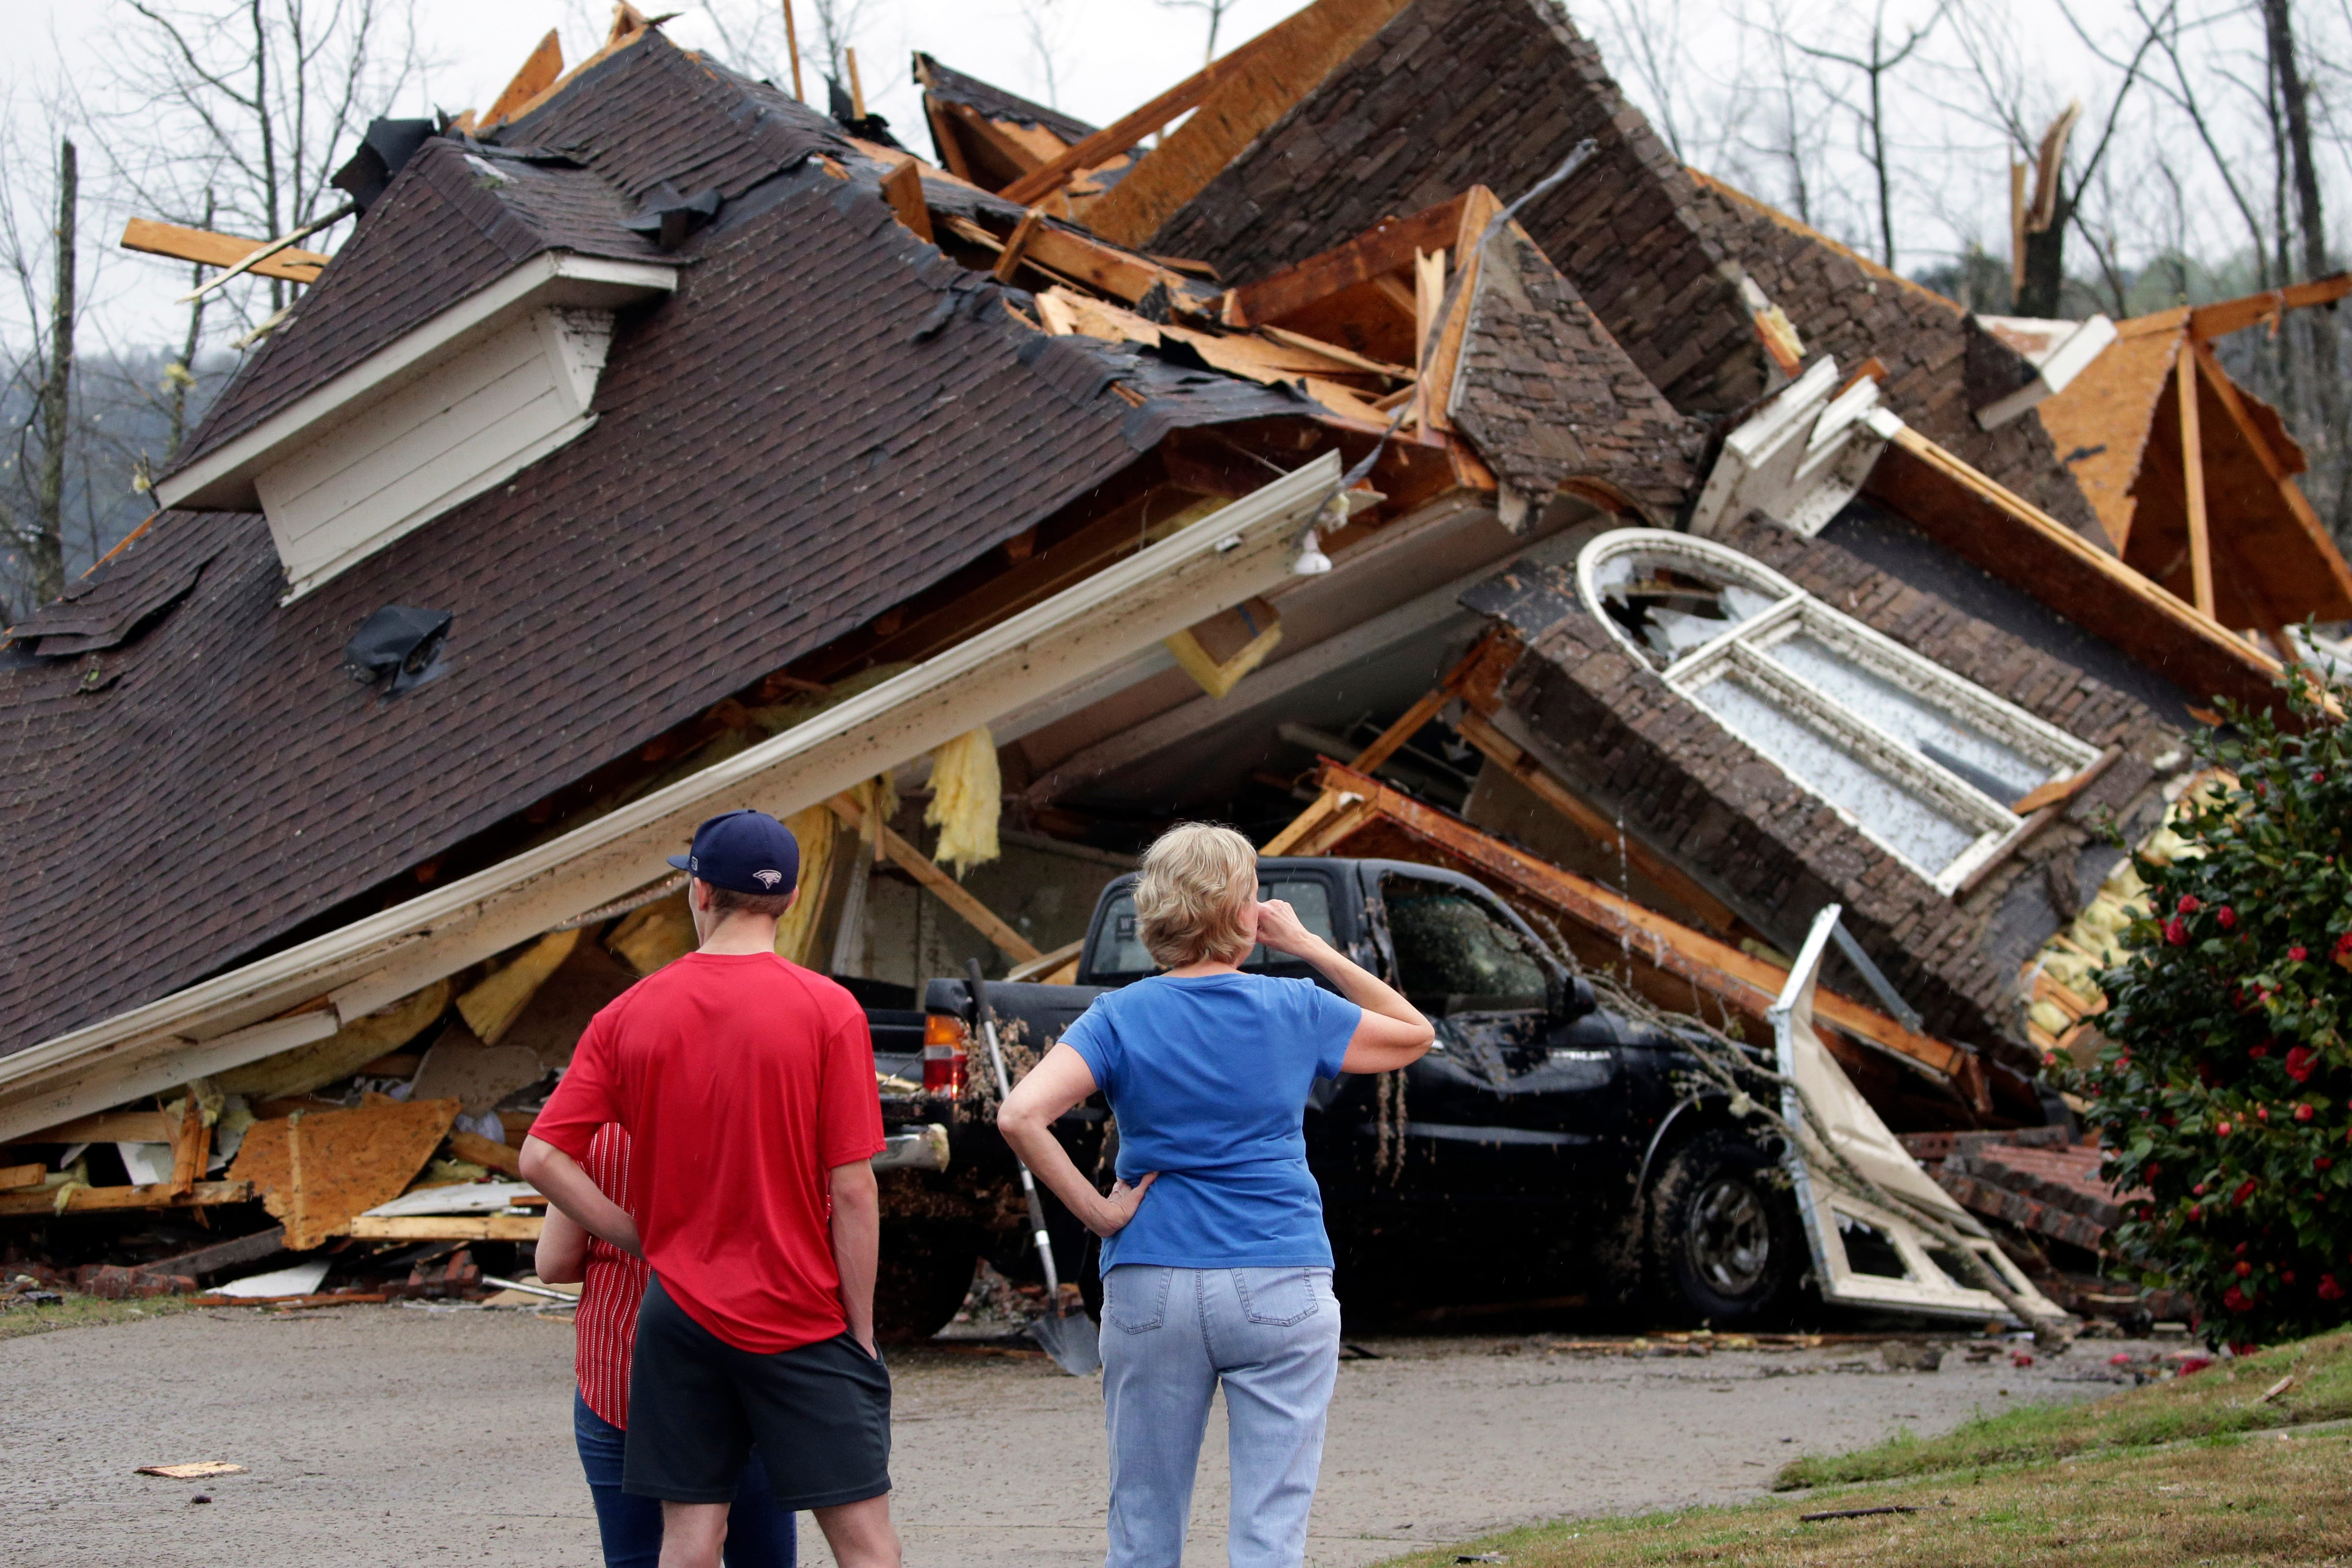 Tornado outbreak rips across Deep South; at least 5 dead 1